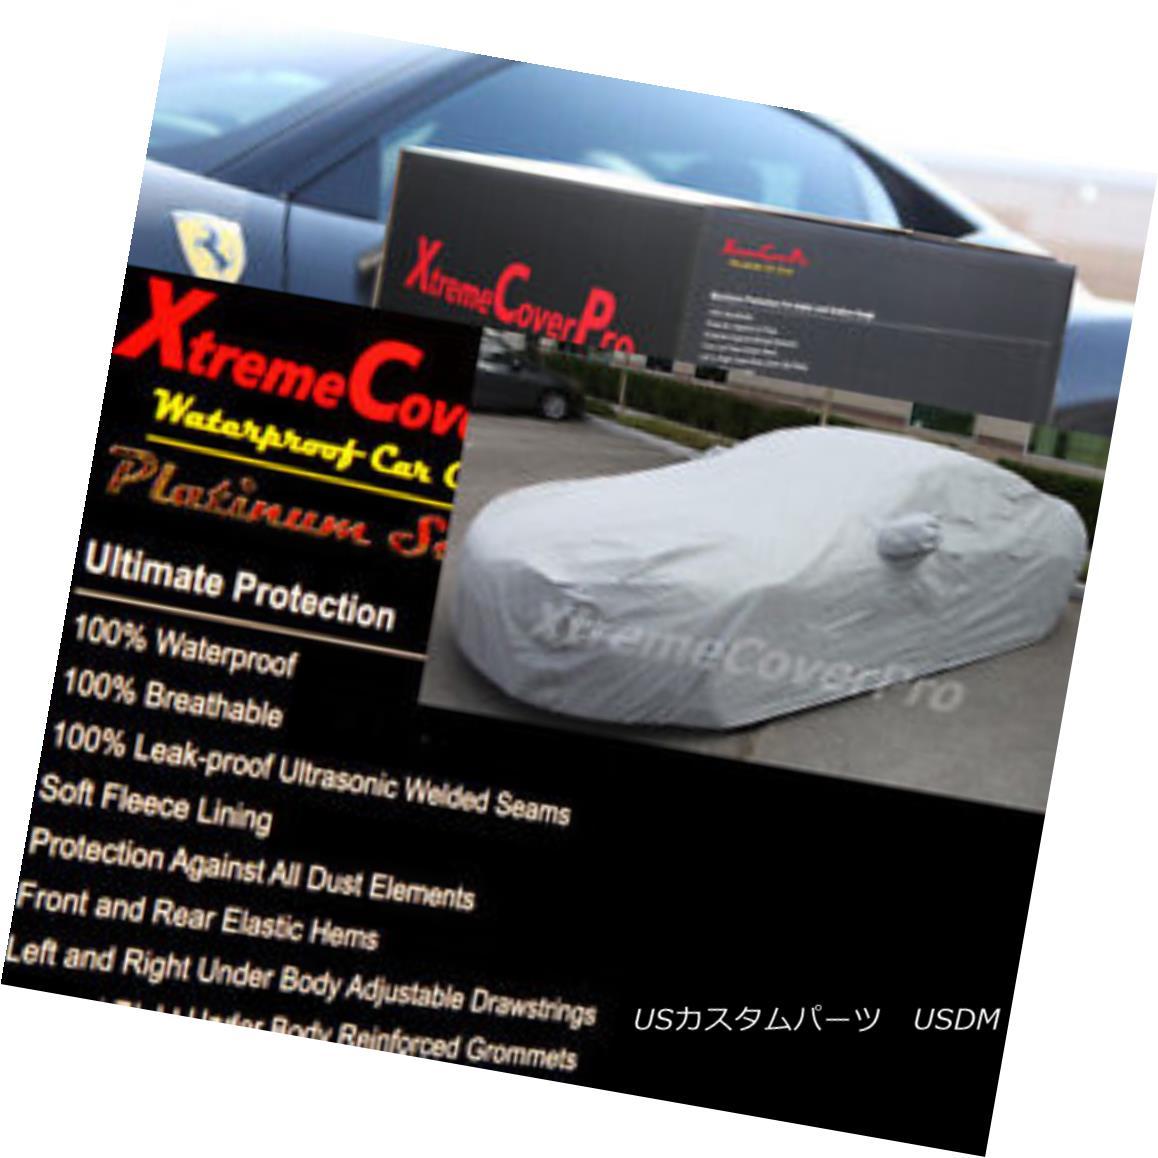 カーカバー 2005 2006 2007 2008 2009 Subaru Outback Waterproof Car Cover w/MirrorPocket 2005 2006 2007 2008 2009スバルアウトバック防水カーカバー付き(MirrorPocket)